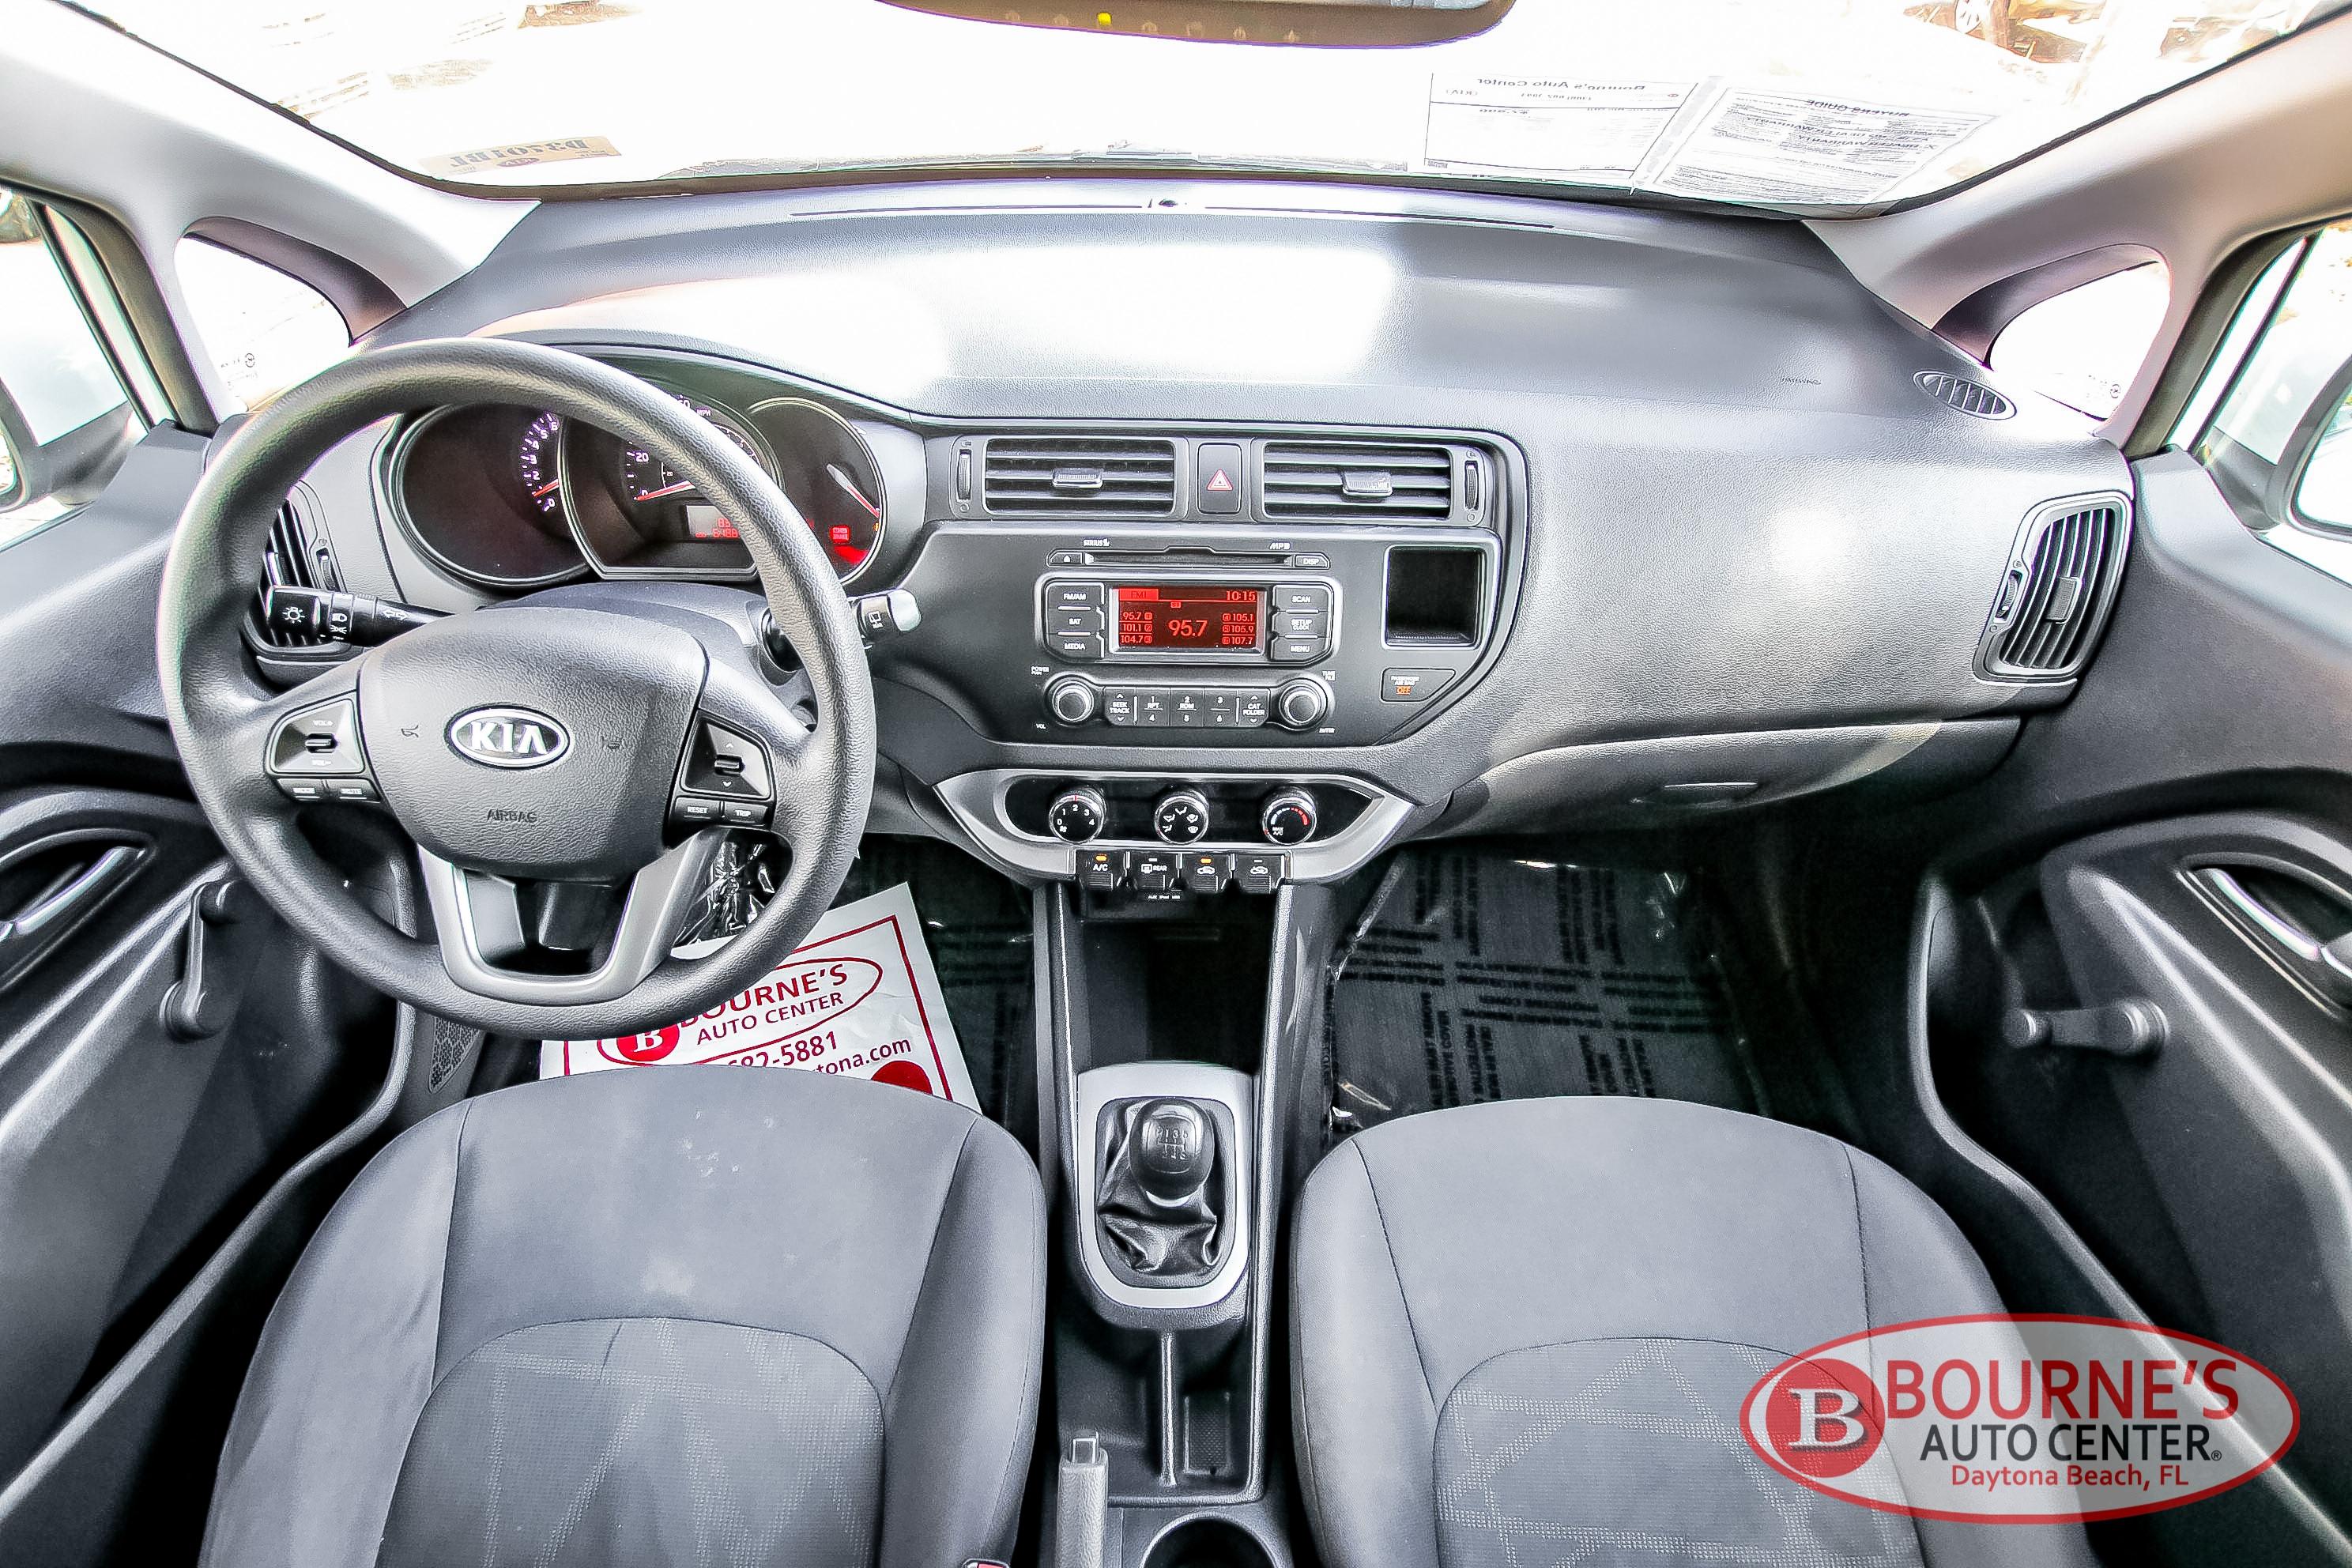 2013 Kia Rio - Fair Car Ownership